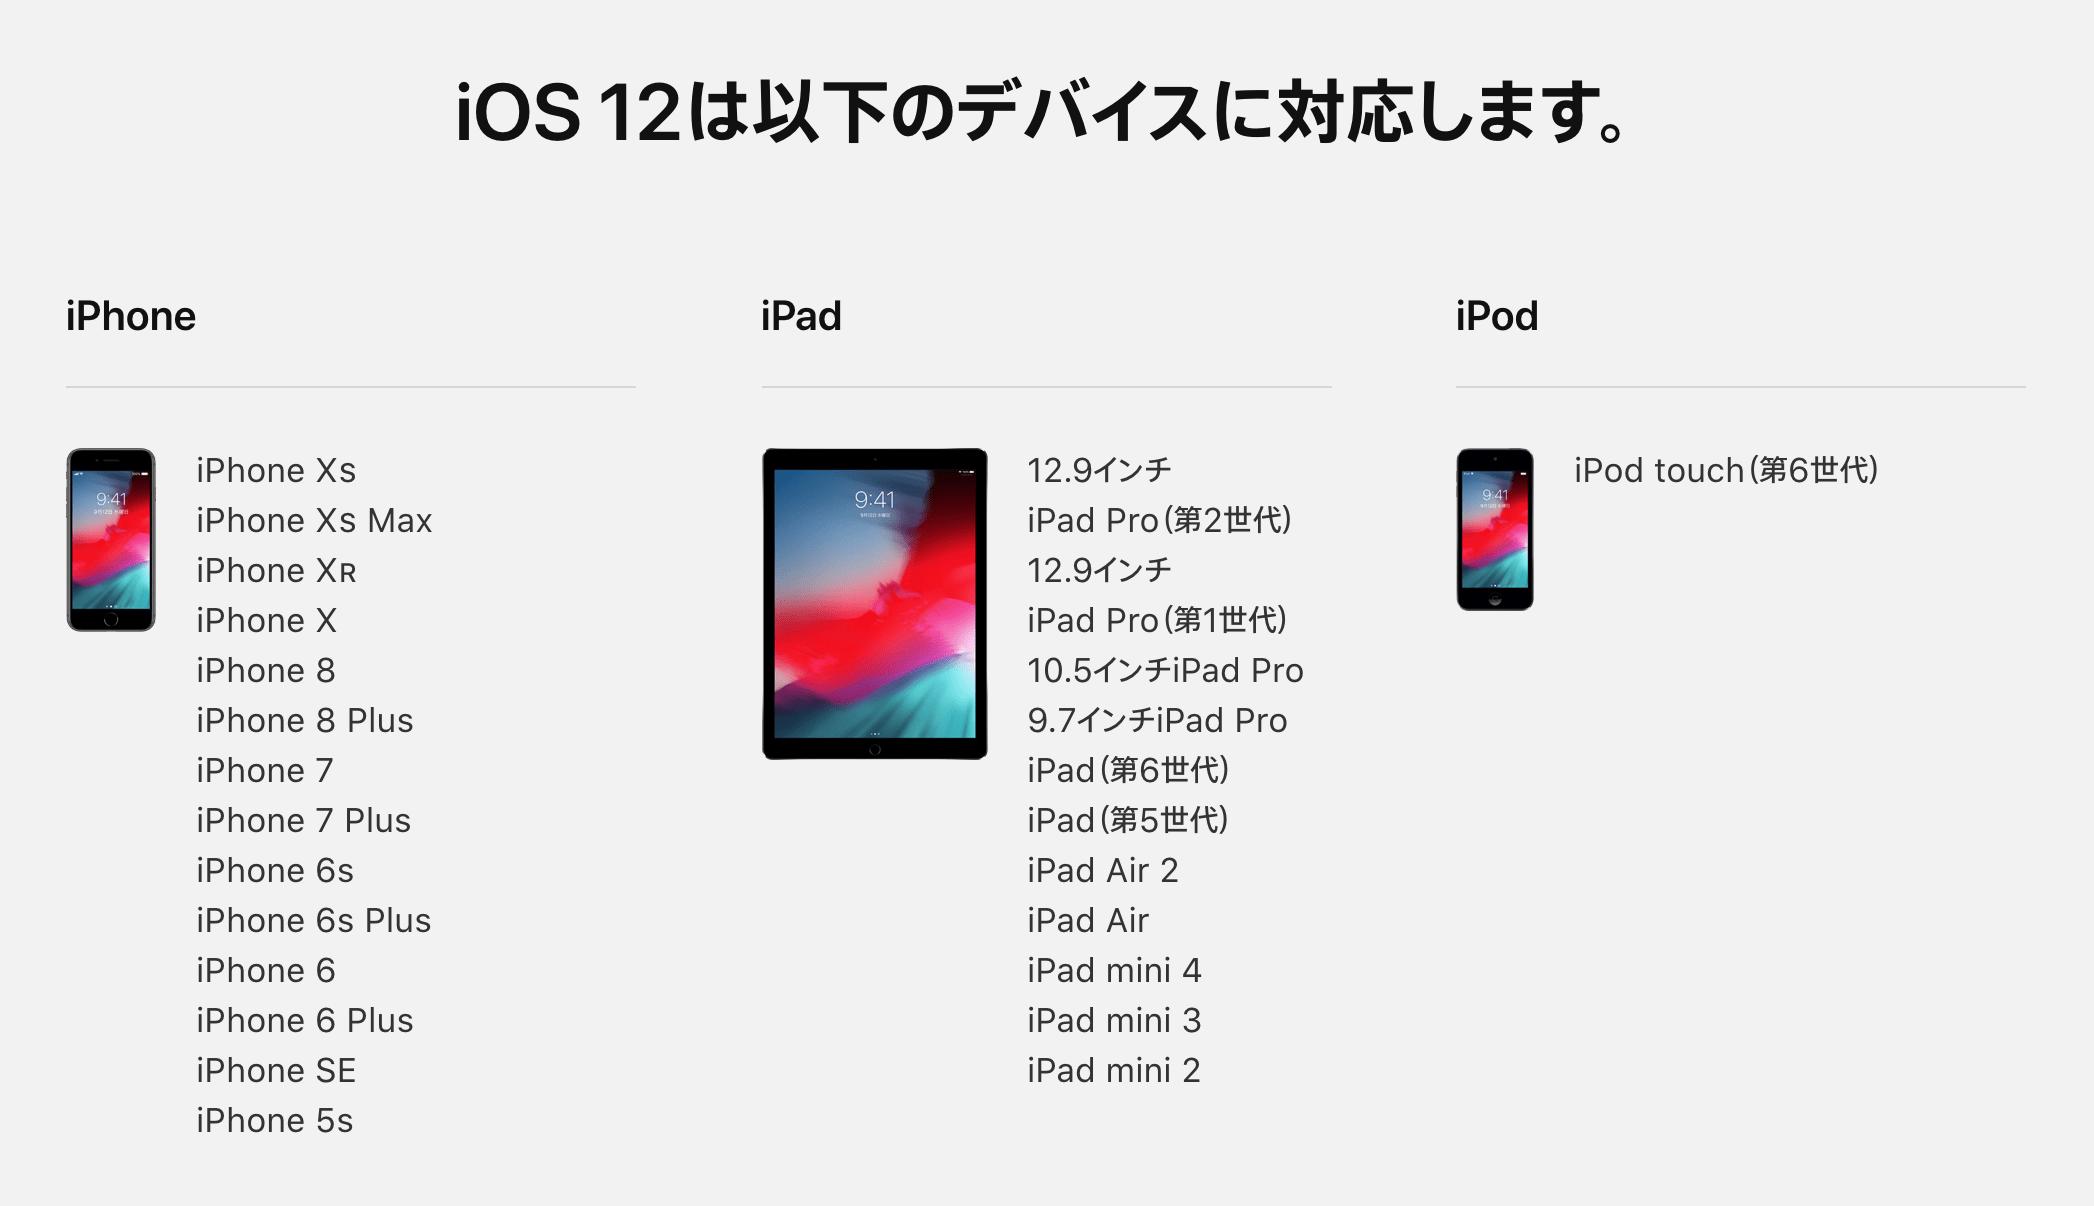 【iOS12 & iPhoneXS/XR】新機能・使い方まとめ。追加された機能やアプリ、便利な設定がすぐわかる!